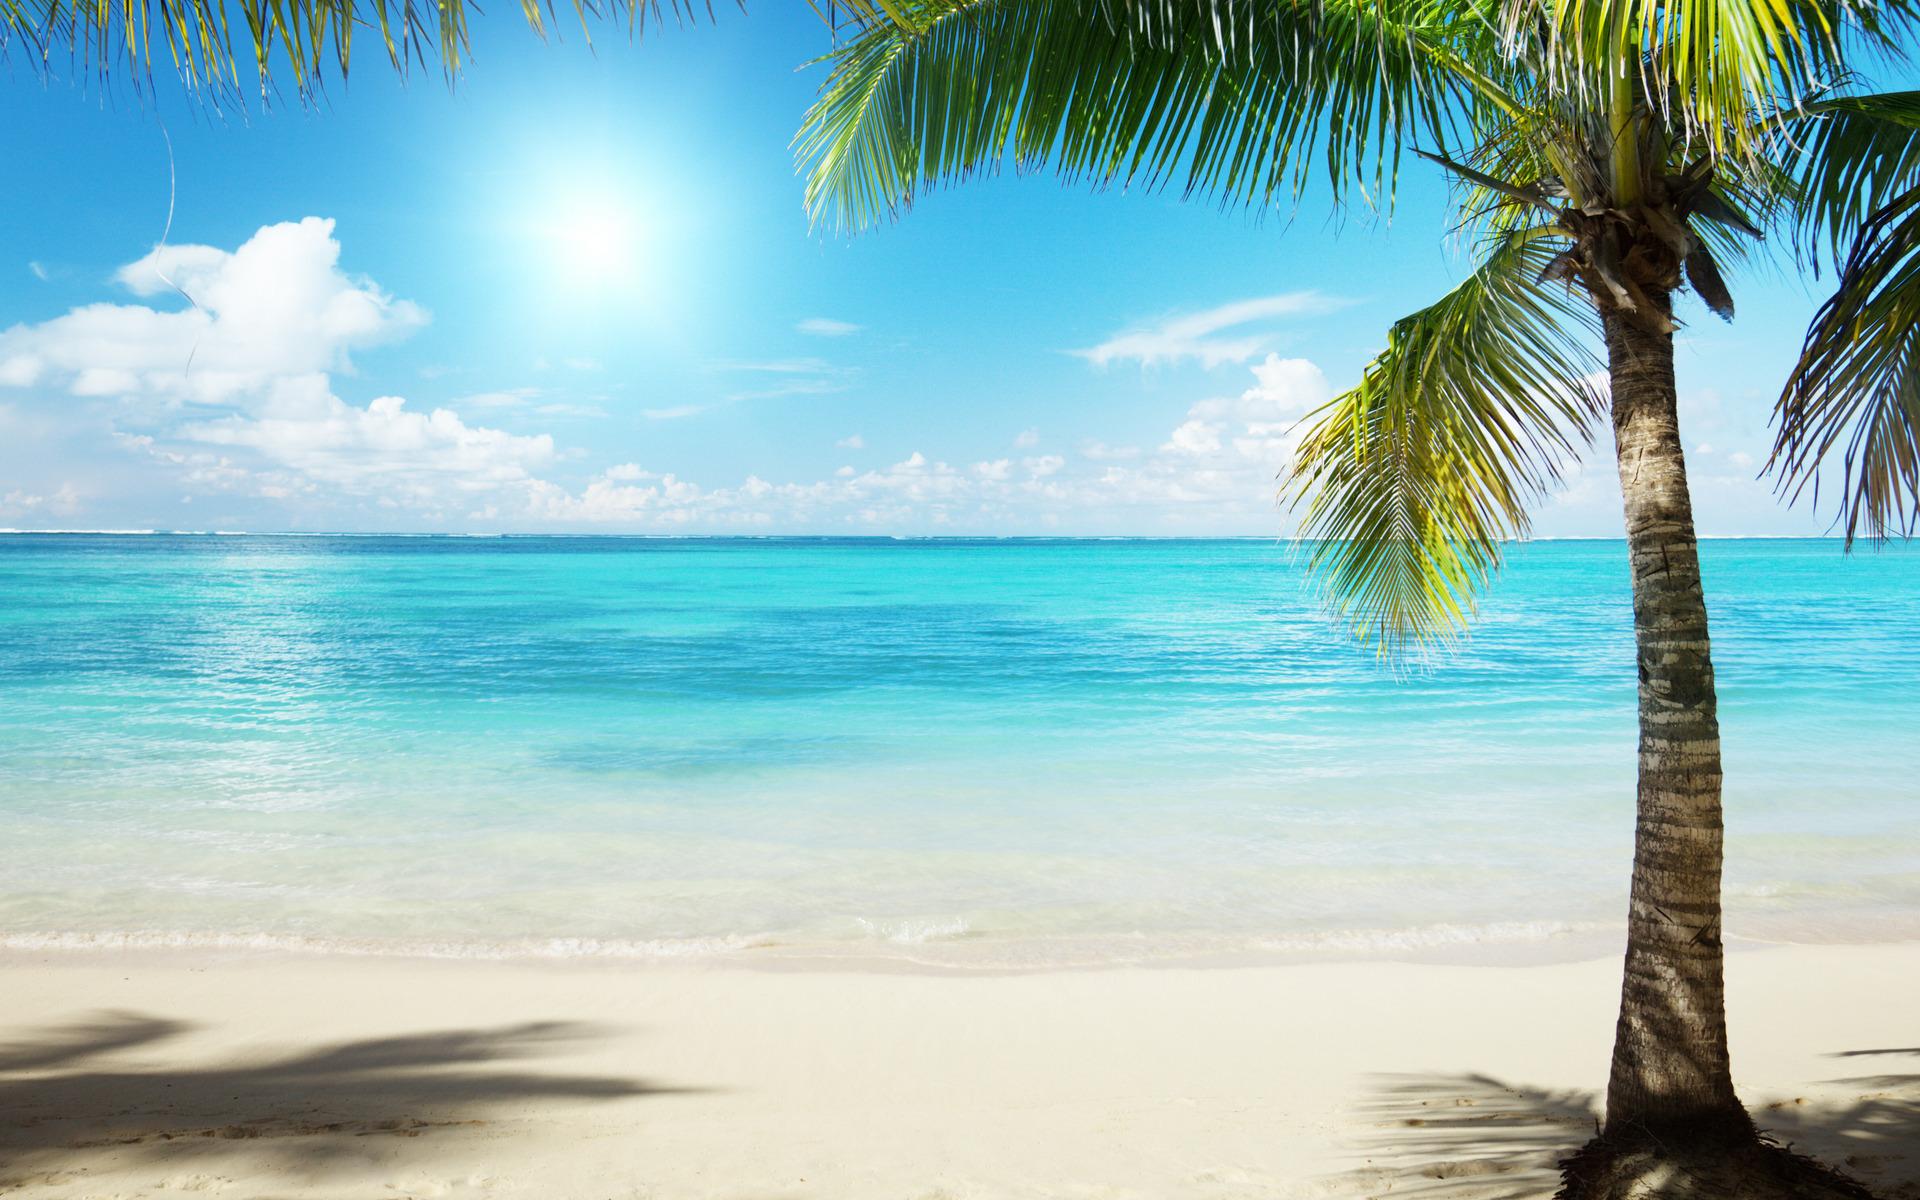 Днем матери, картинки пальмы море солнце